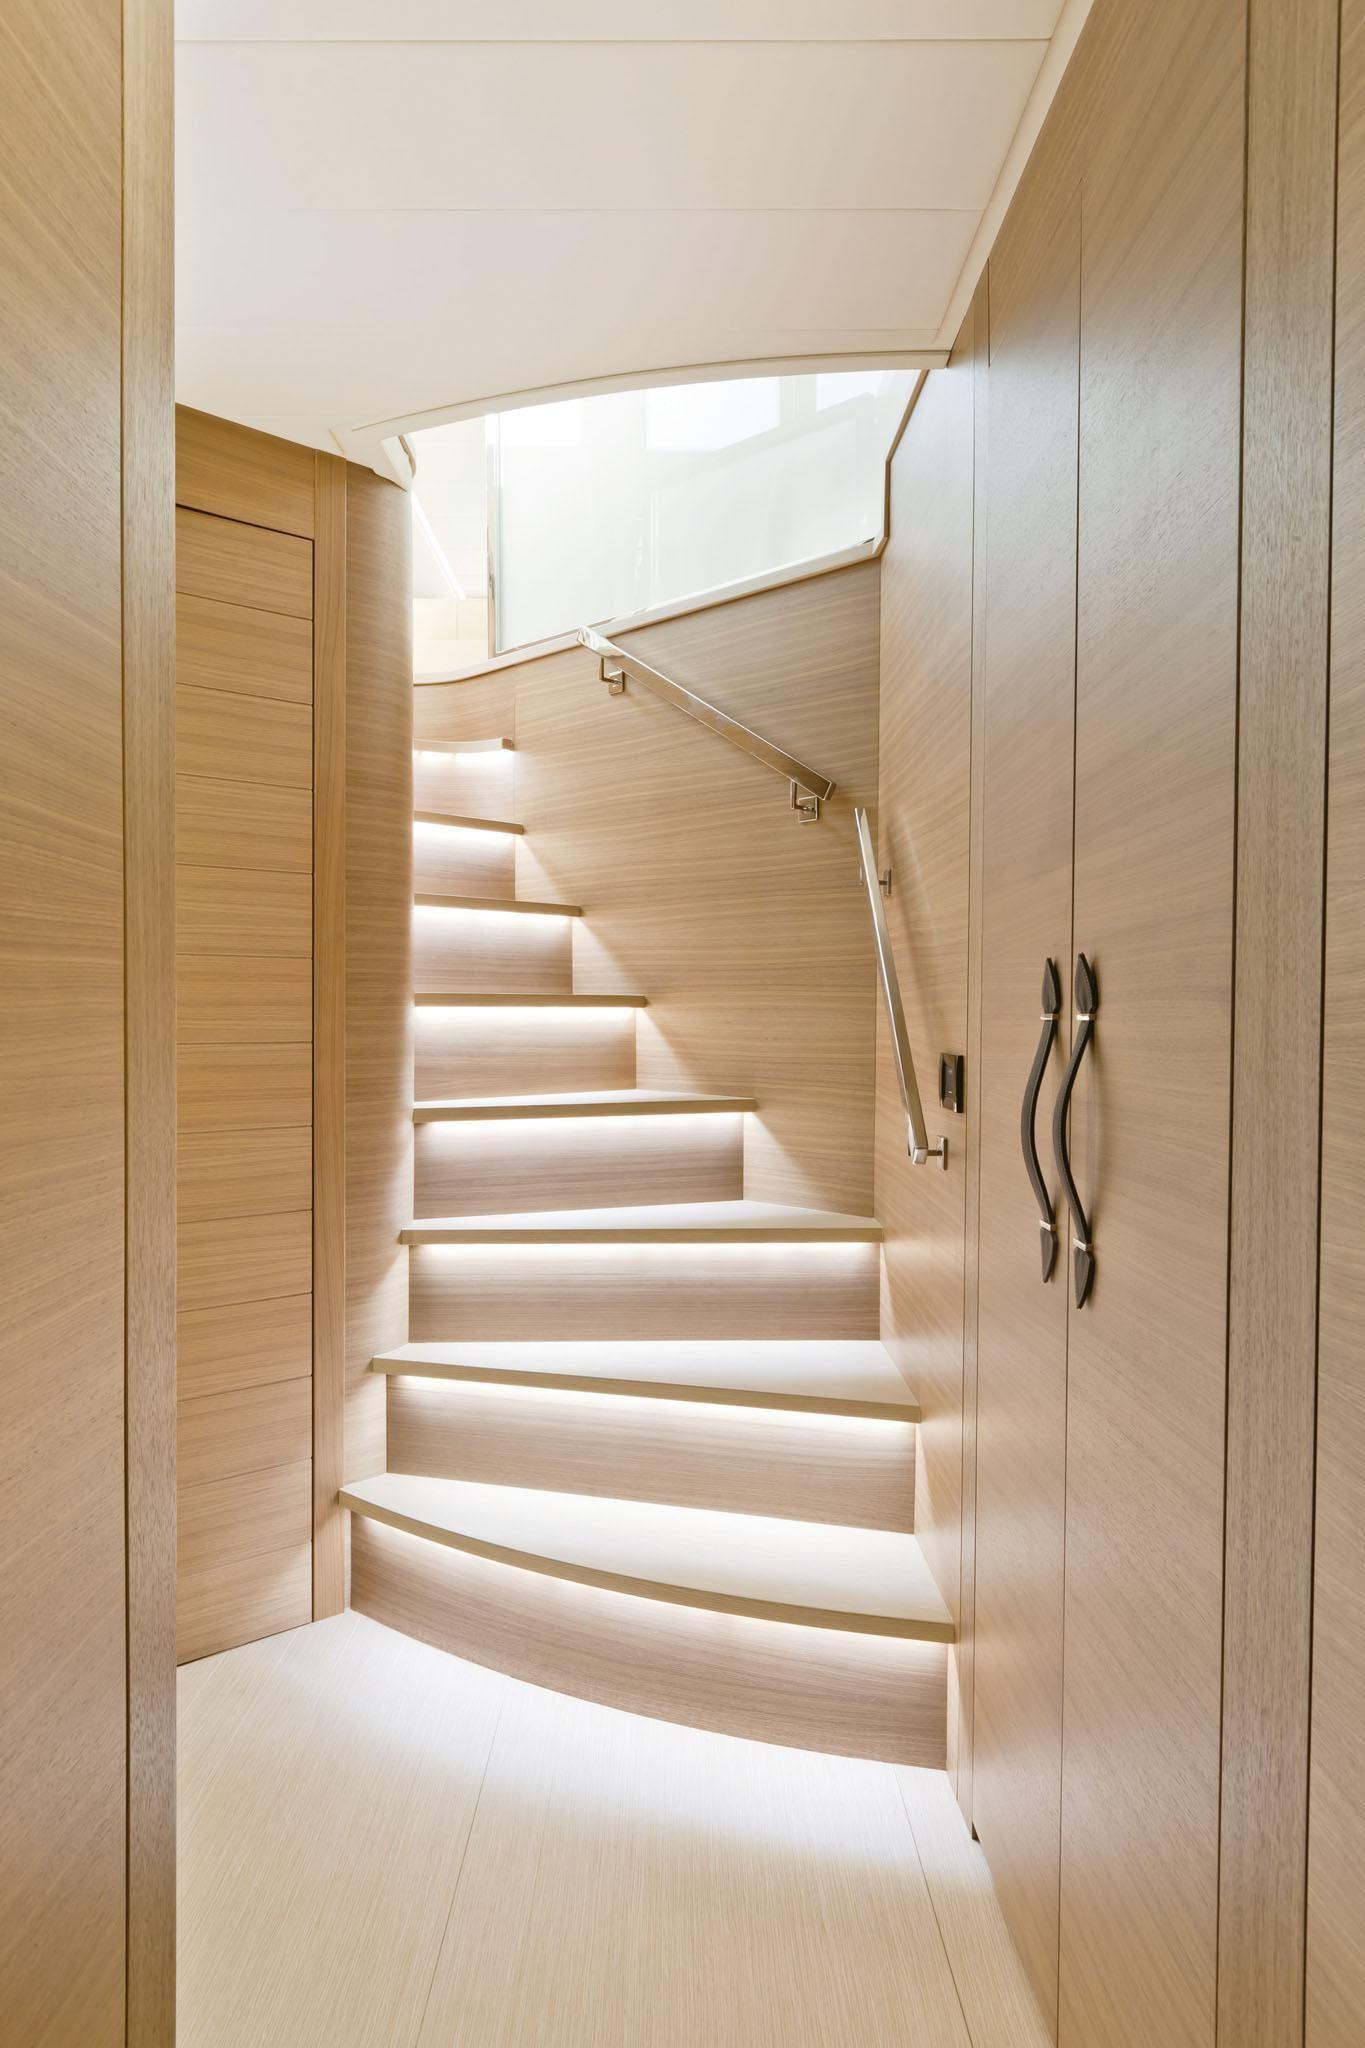 Internal Affairs Interior Designers: Internal View Pershing Yacht - Pershing 92'